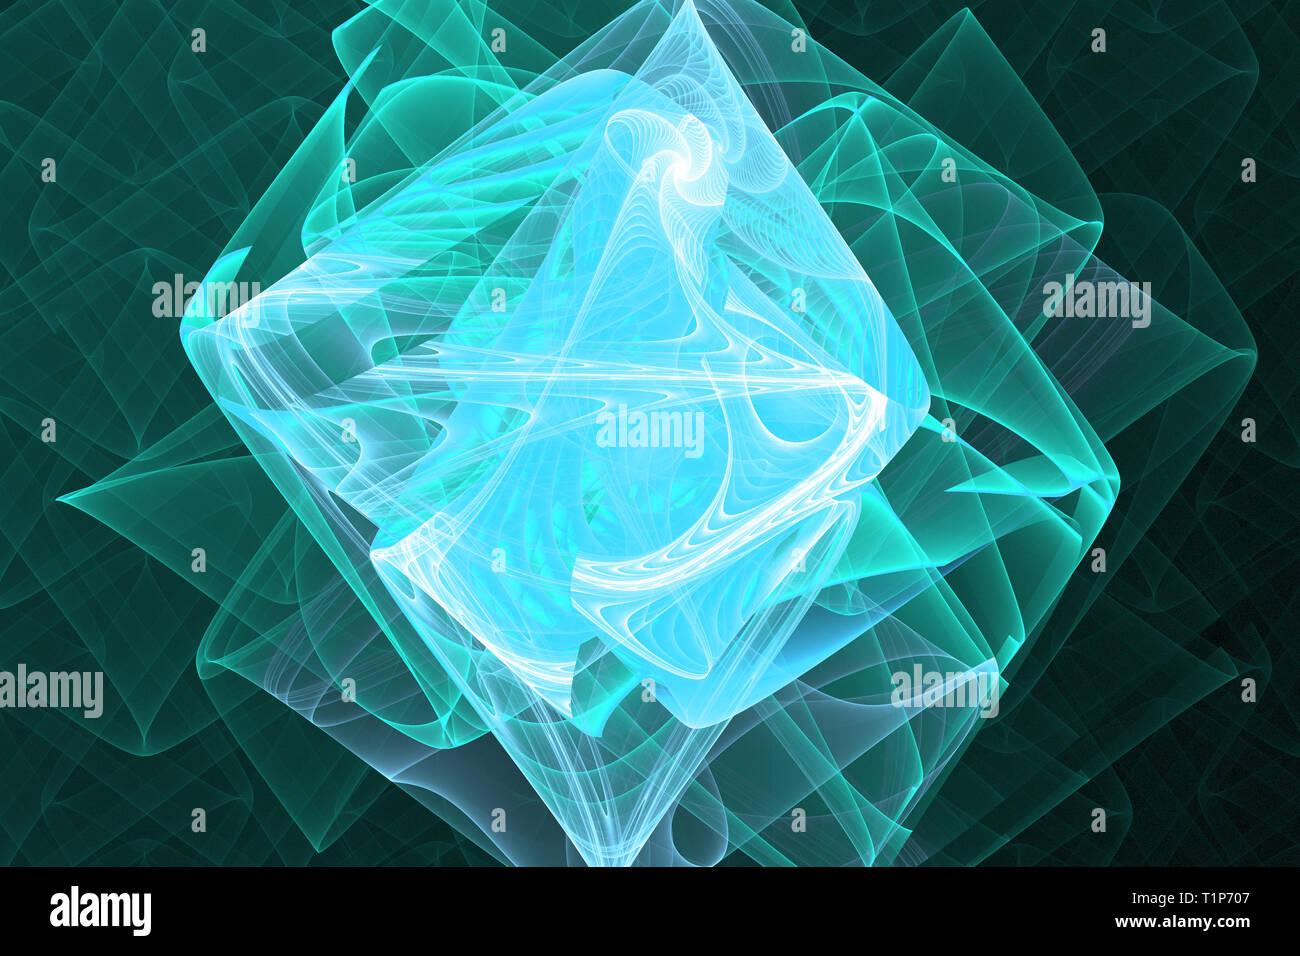 Il frattale geometriche forme naturali patterns caleidoscope sfondo magico Immagini Stock